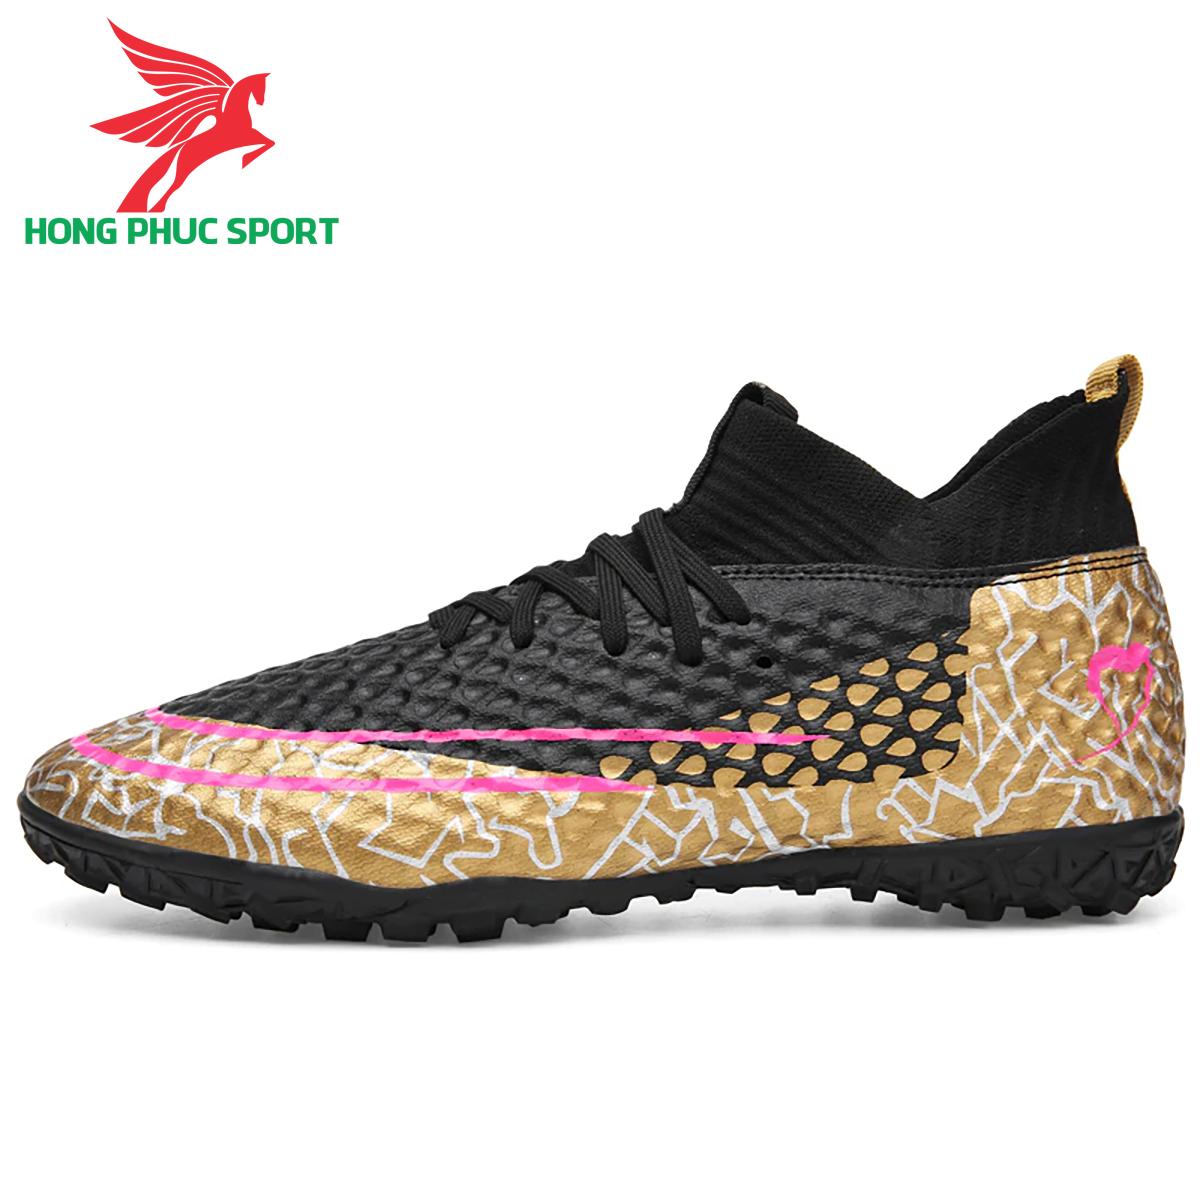 Giày đá banh cổ cao Future 5.1 TF màu đen